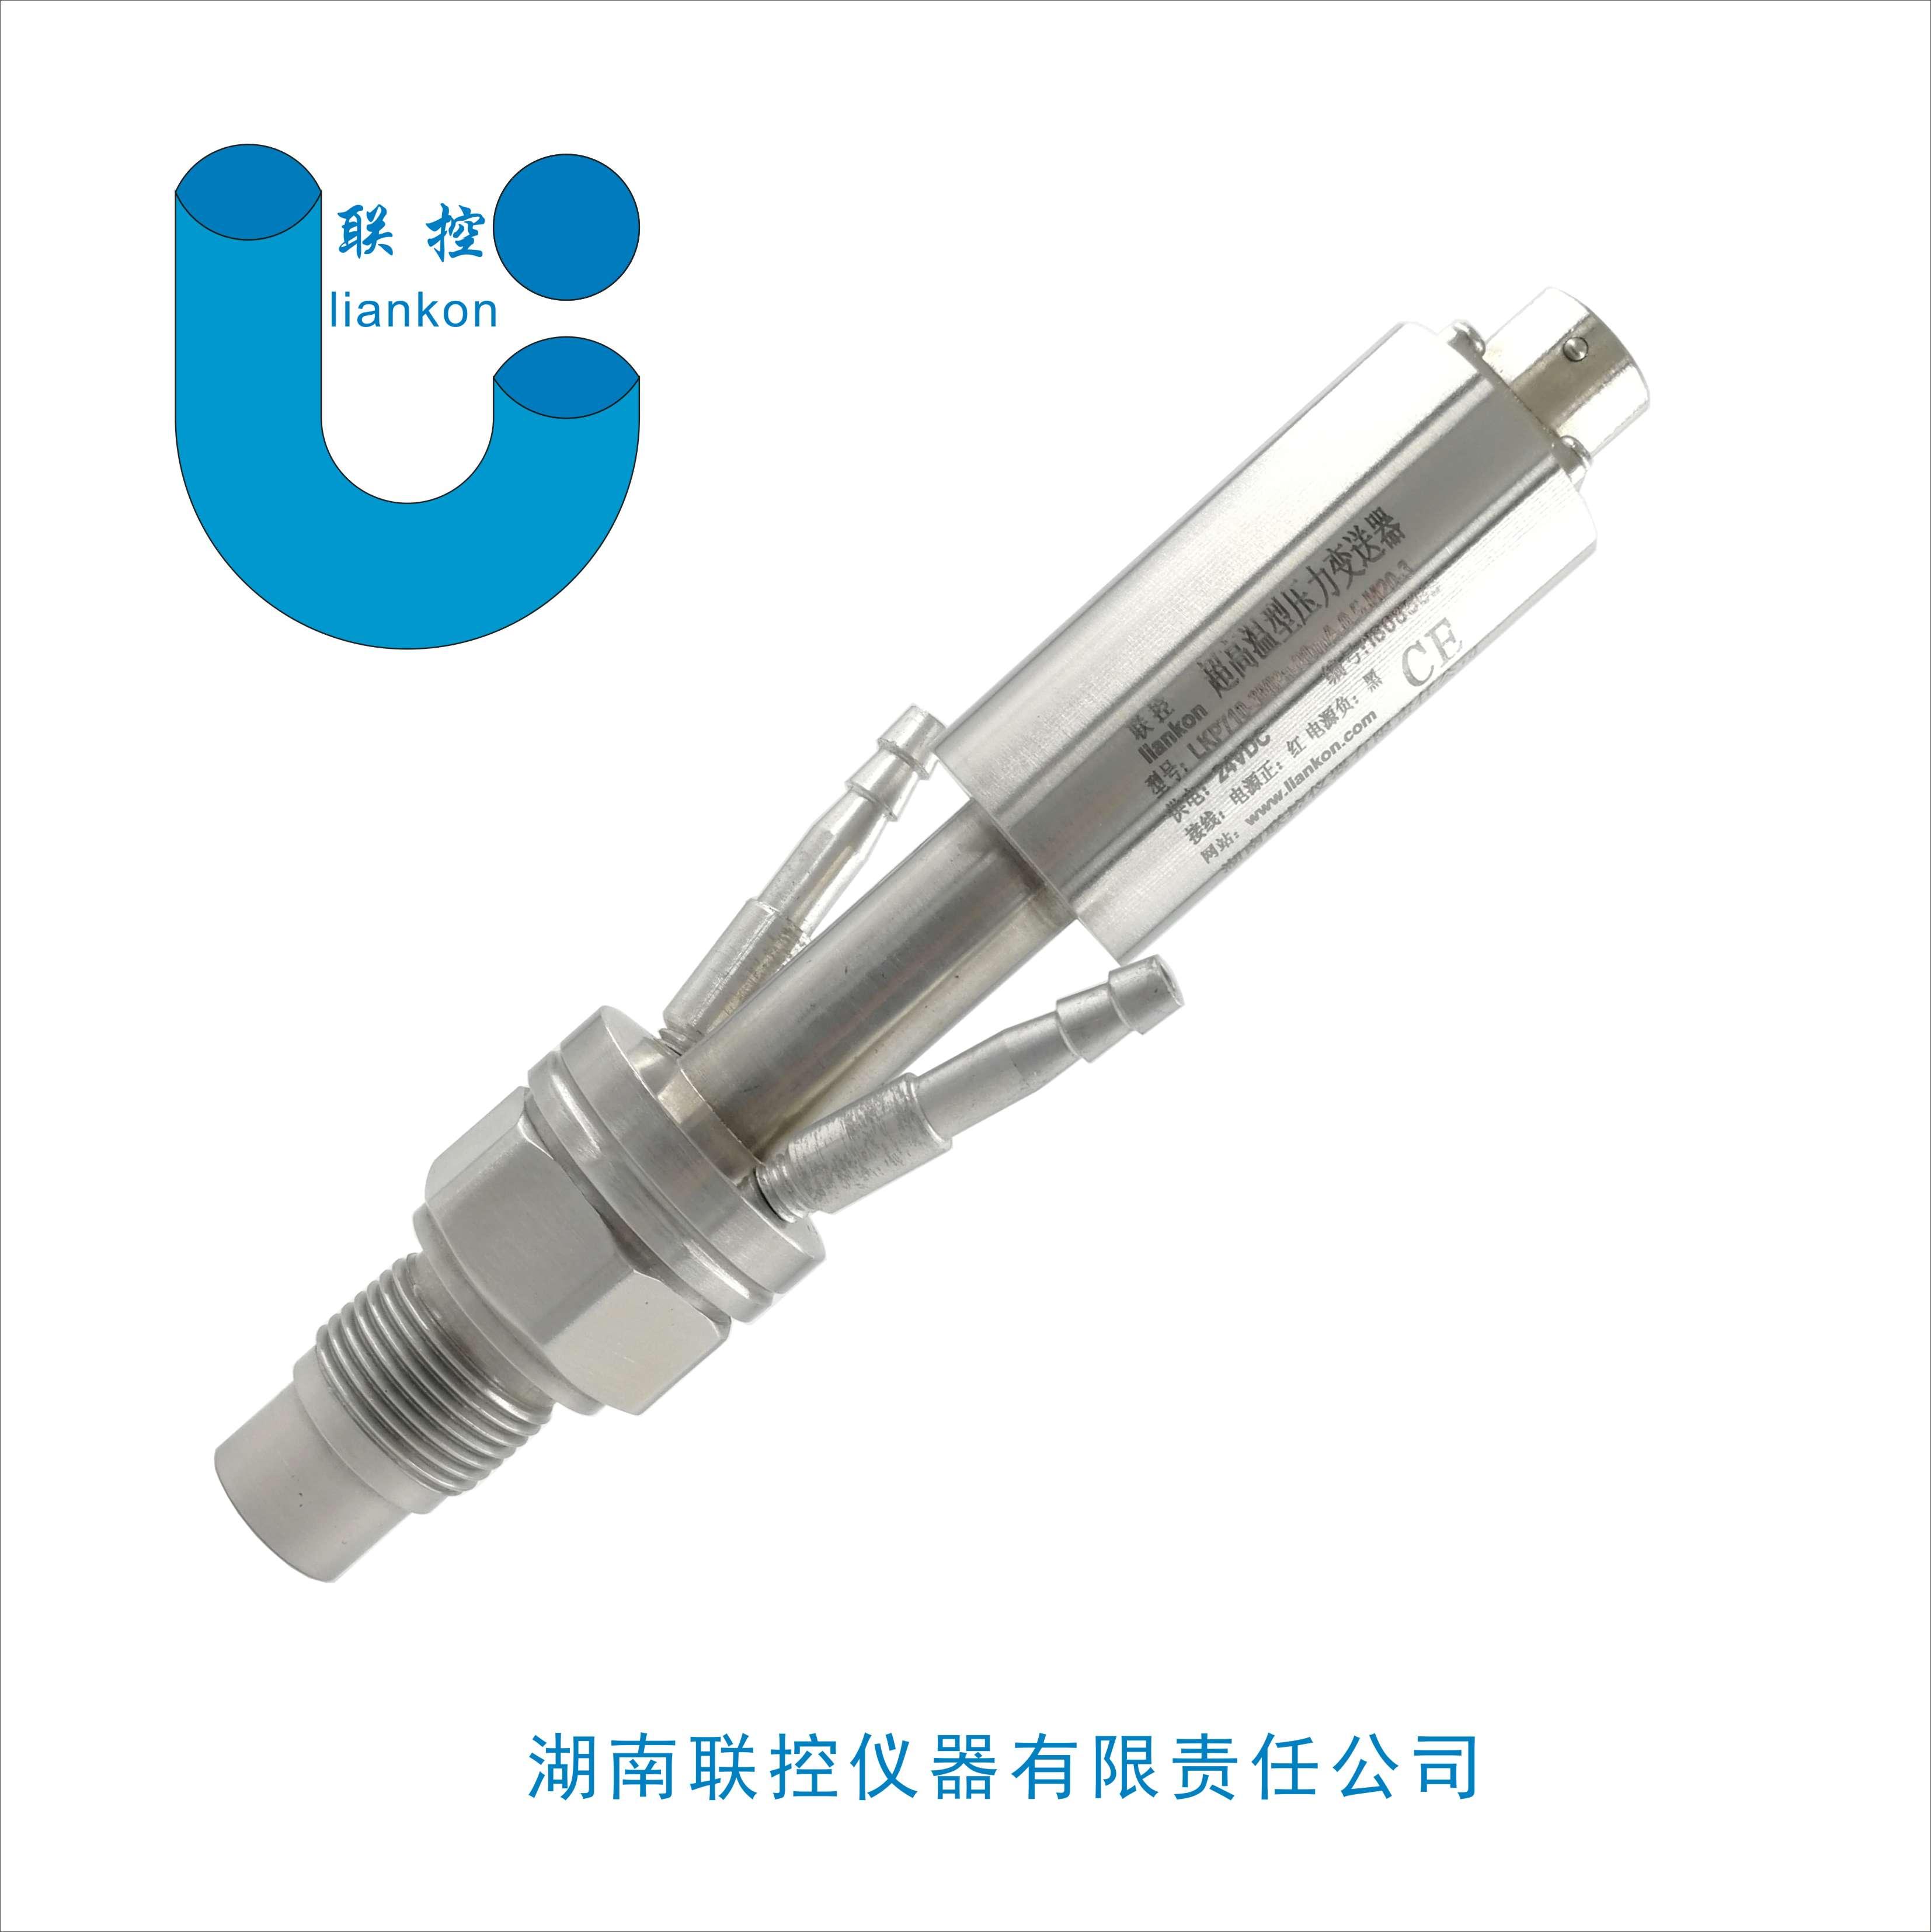 高压水清洗压力变送器,汽轮机压力传感器